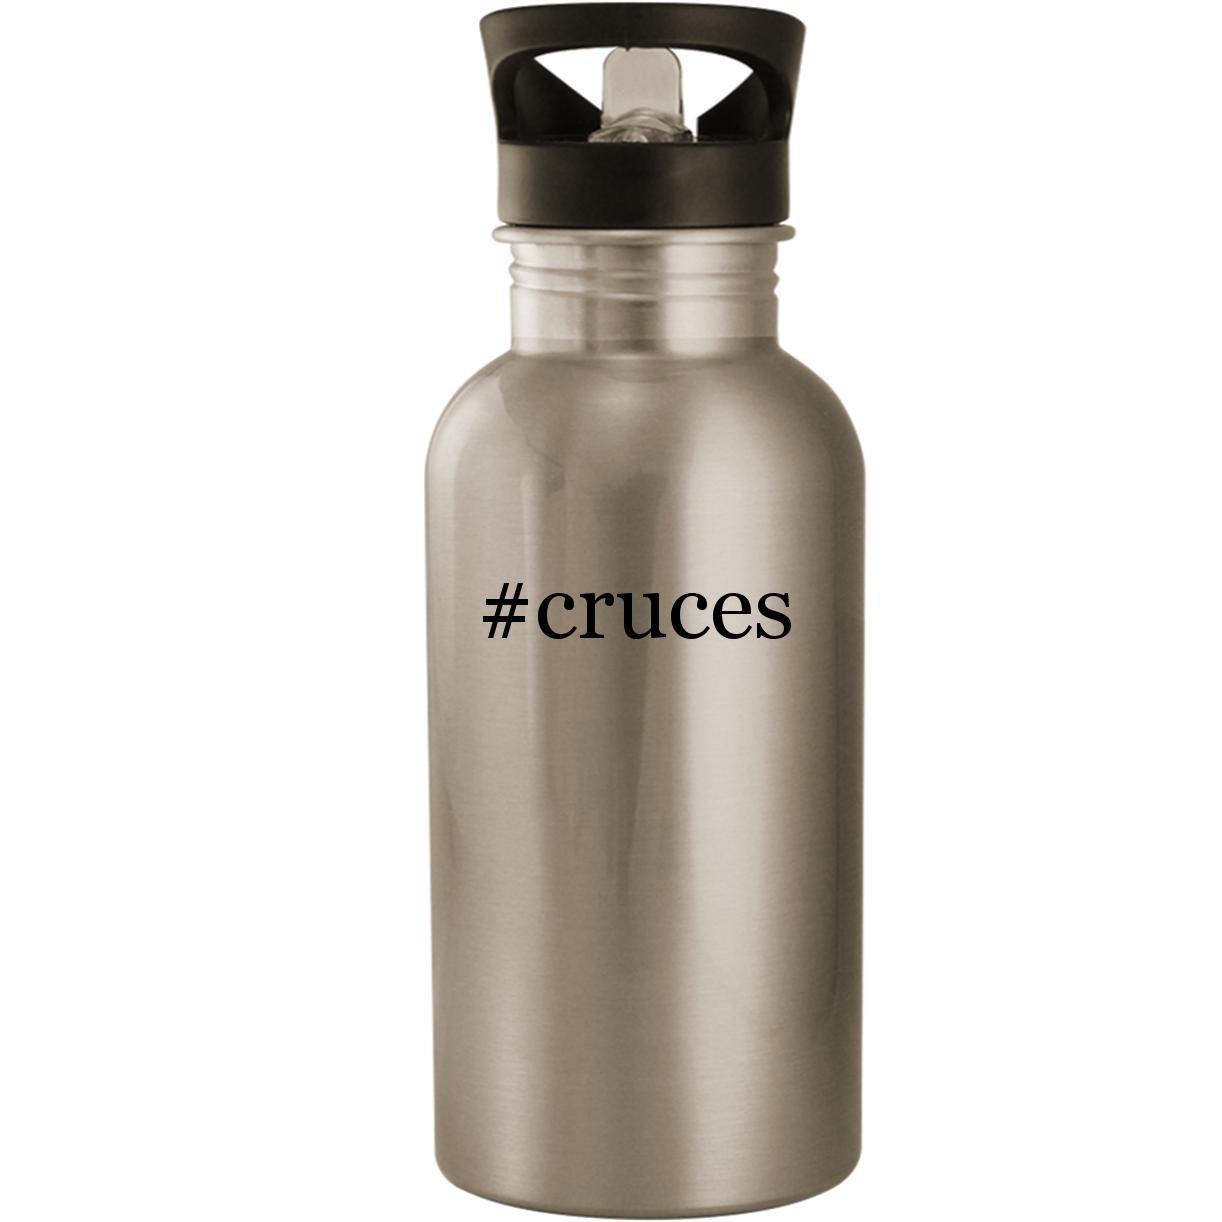 # Cruces – ステンレススチール20oz Road Ready水ボトル シルバー US-C-07-18-02-013828-04-26-18-26 B07FTS9MVW シルバー